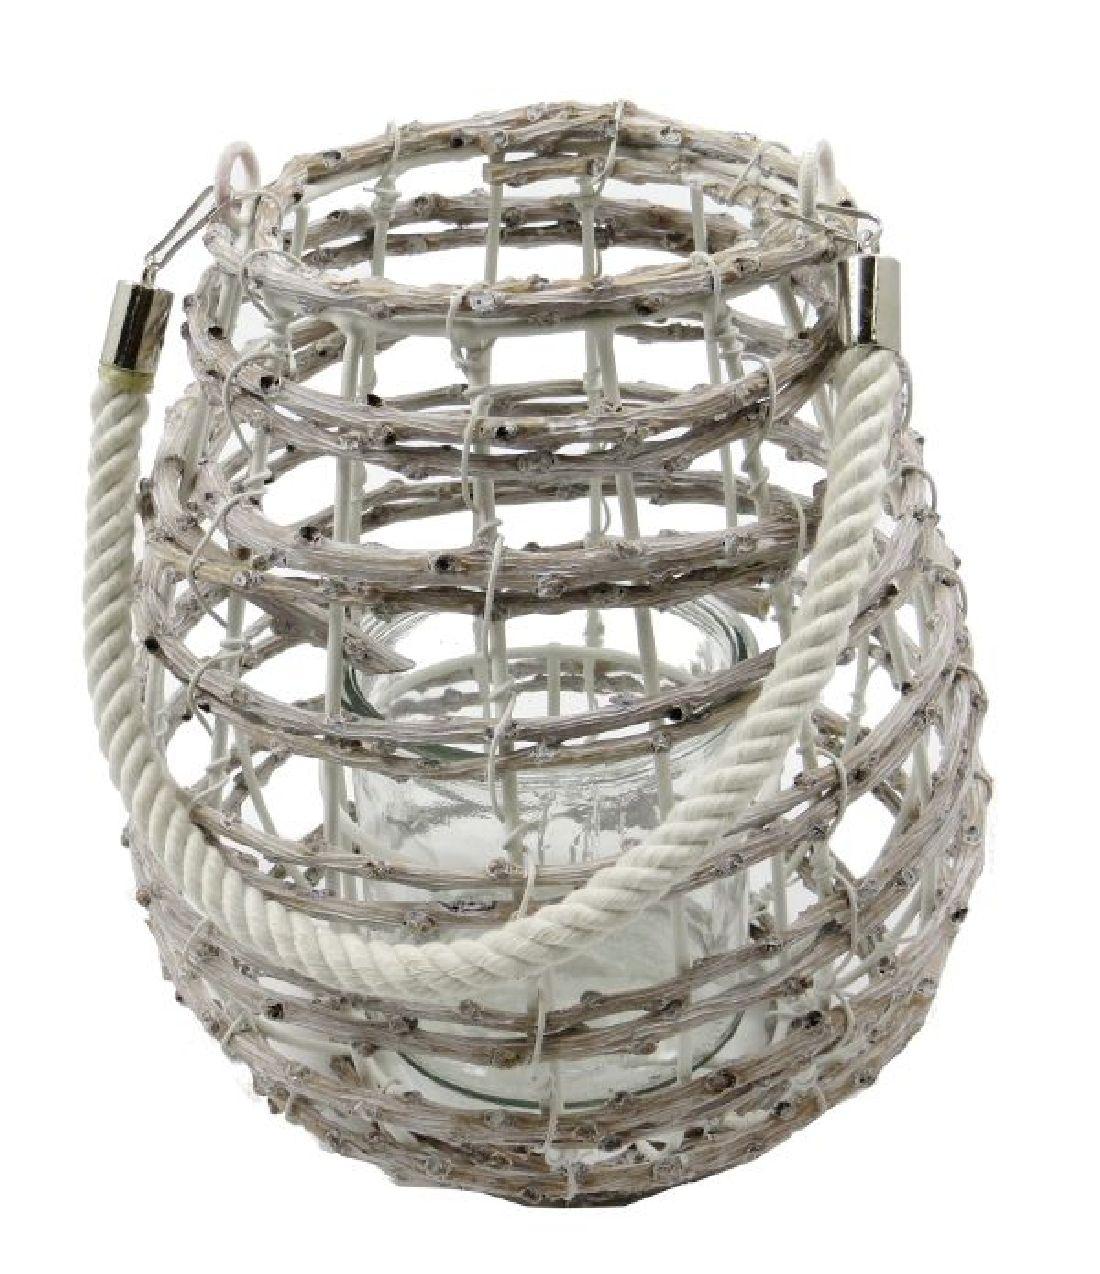 Windlicht Rattan mit Glas GRAU 15926 Ø13cm H:20cm